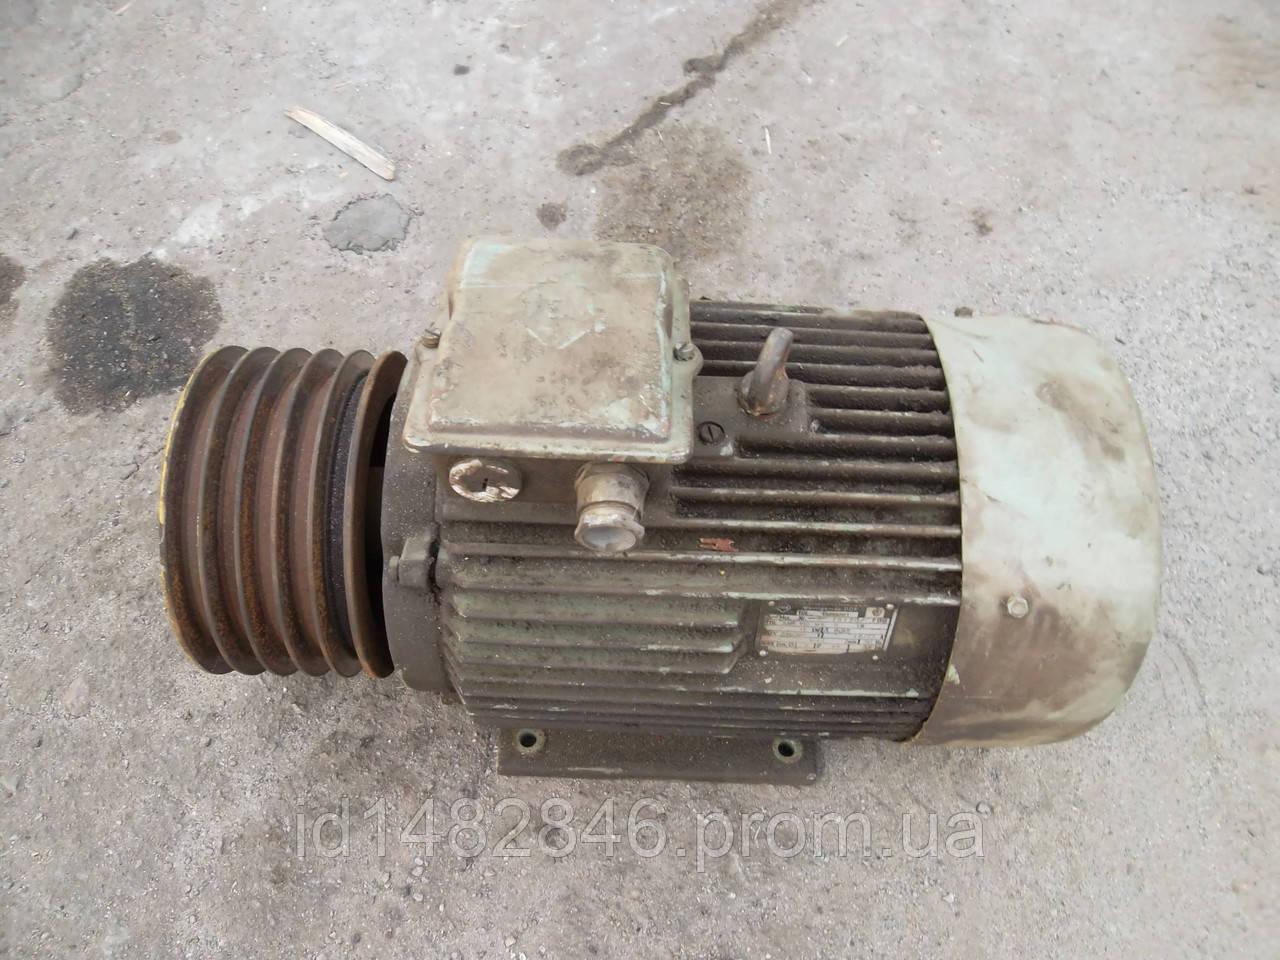 Электродвигатель TYP KMR 132 - 11 Кв 1500 об.мин